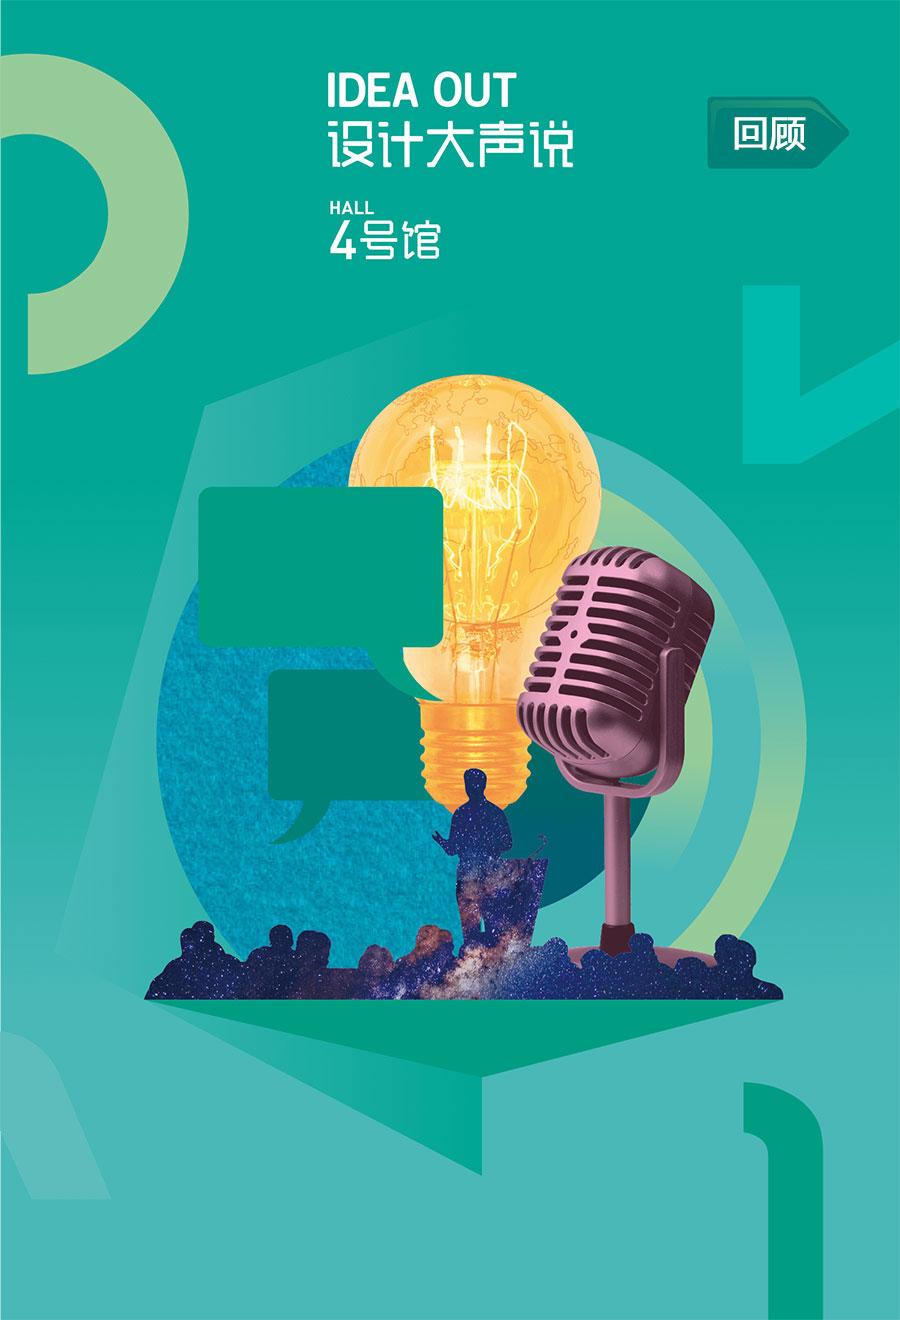 深圳国际家具展,设计周,家具展